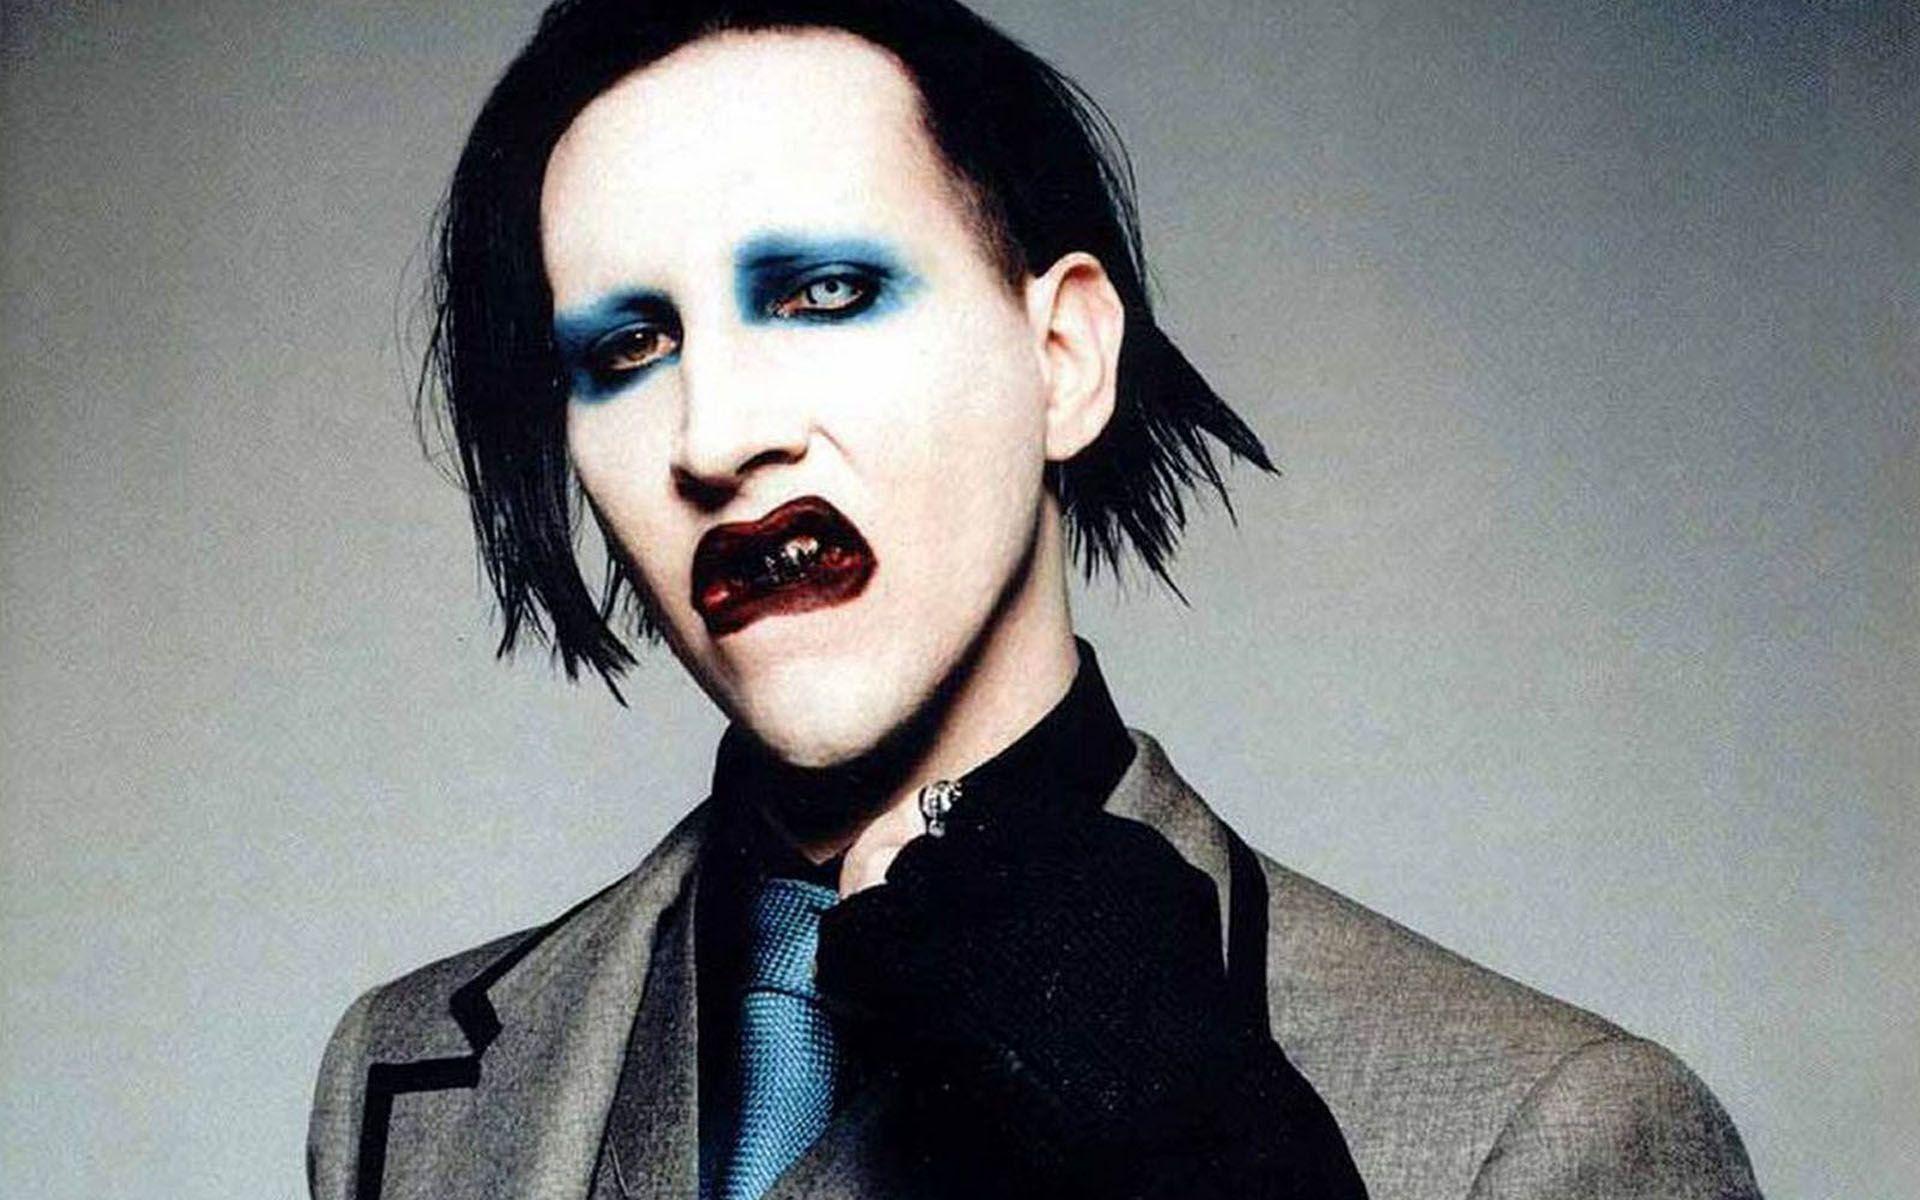 Marilyn Manson Cool Eyes Marilyn Manson Manson Marilyn